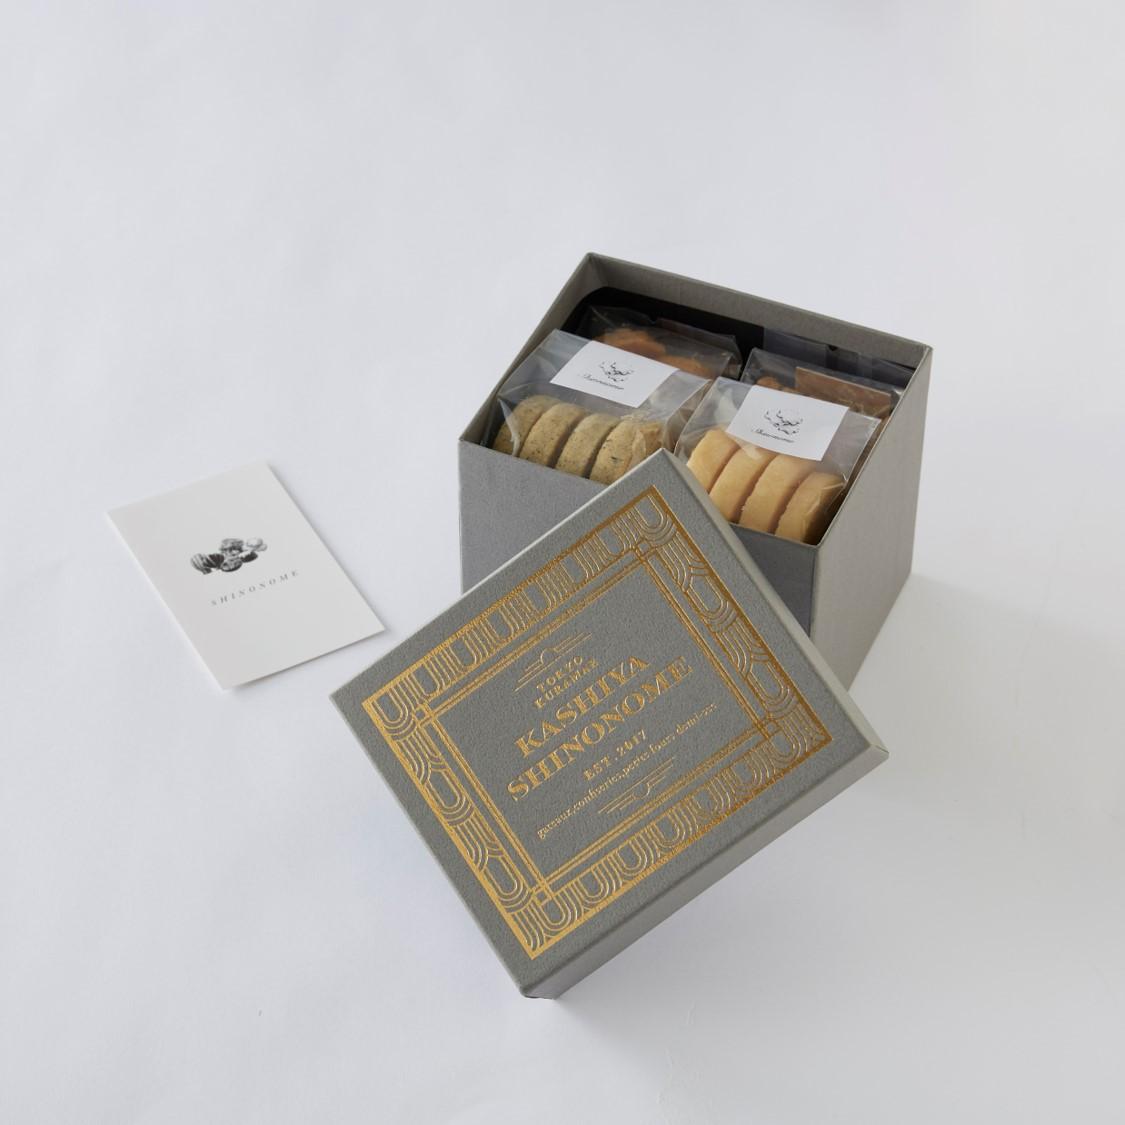 8/13~17発送【期間限定】菓子屋シノノメ・焼き菓子とnittoh.1909・紅茶のセット(Sri Lanka Dimbula Assort 2021)